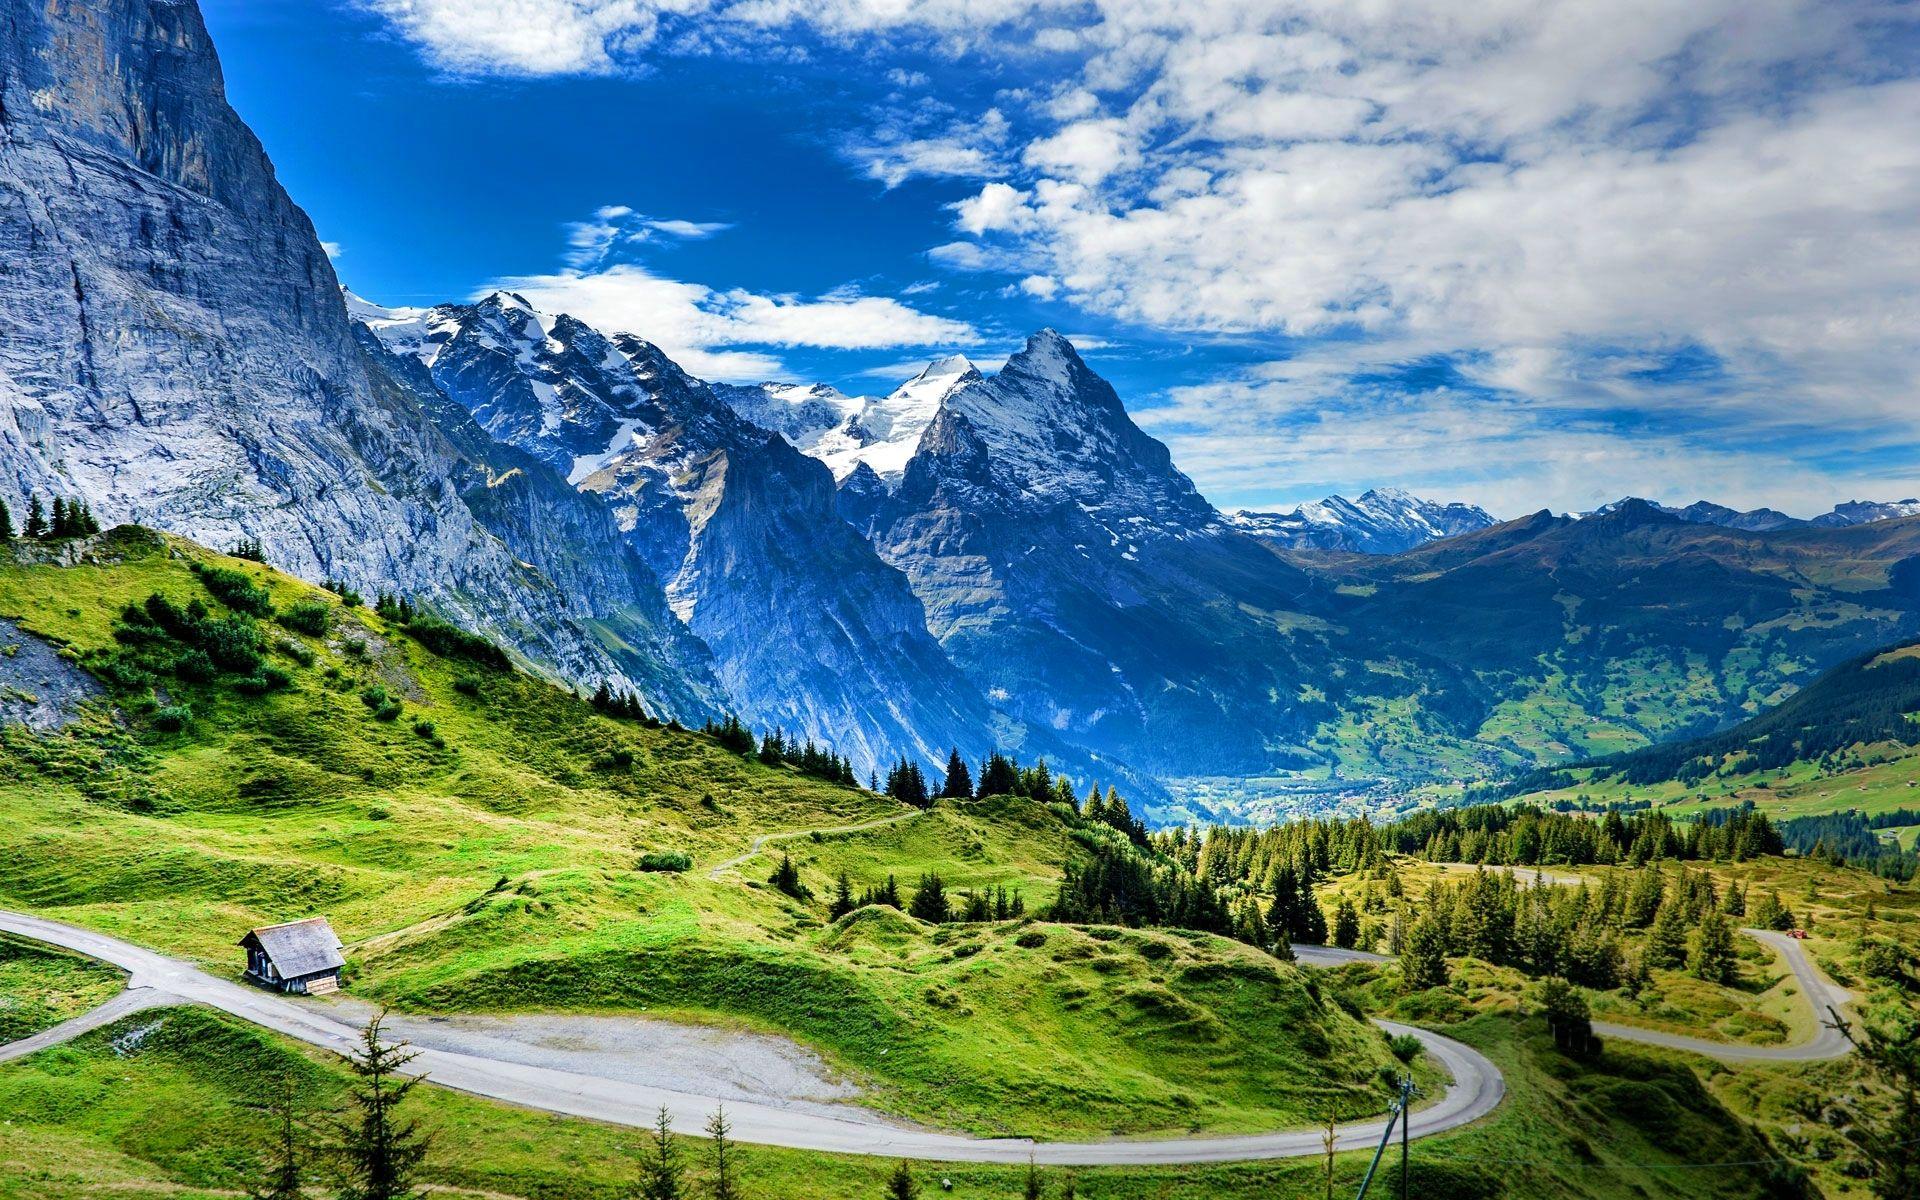 Switzerland Wallpapers Desktop Background For Iphone Wallpaper Hd Scenery Wallpaper Switzerland Wallpaper New Wallpaper Hd